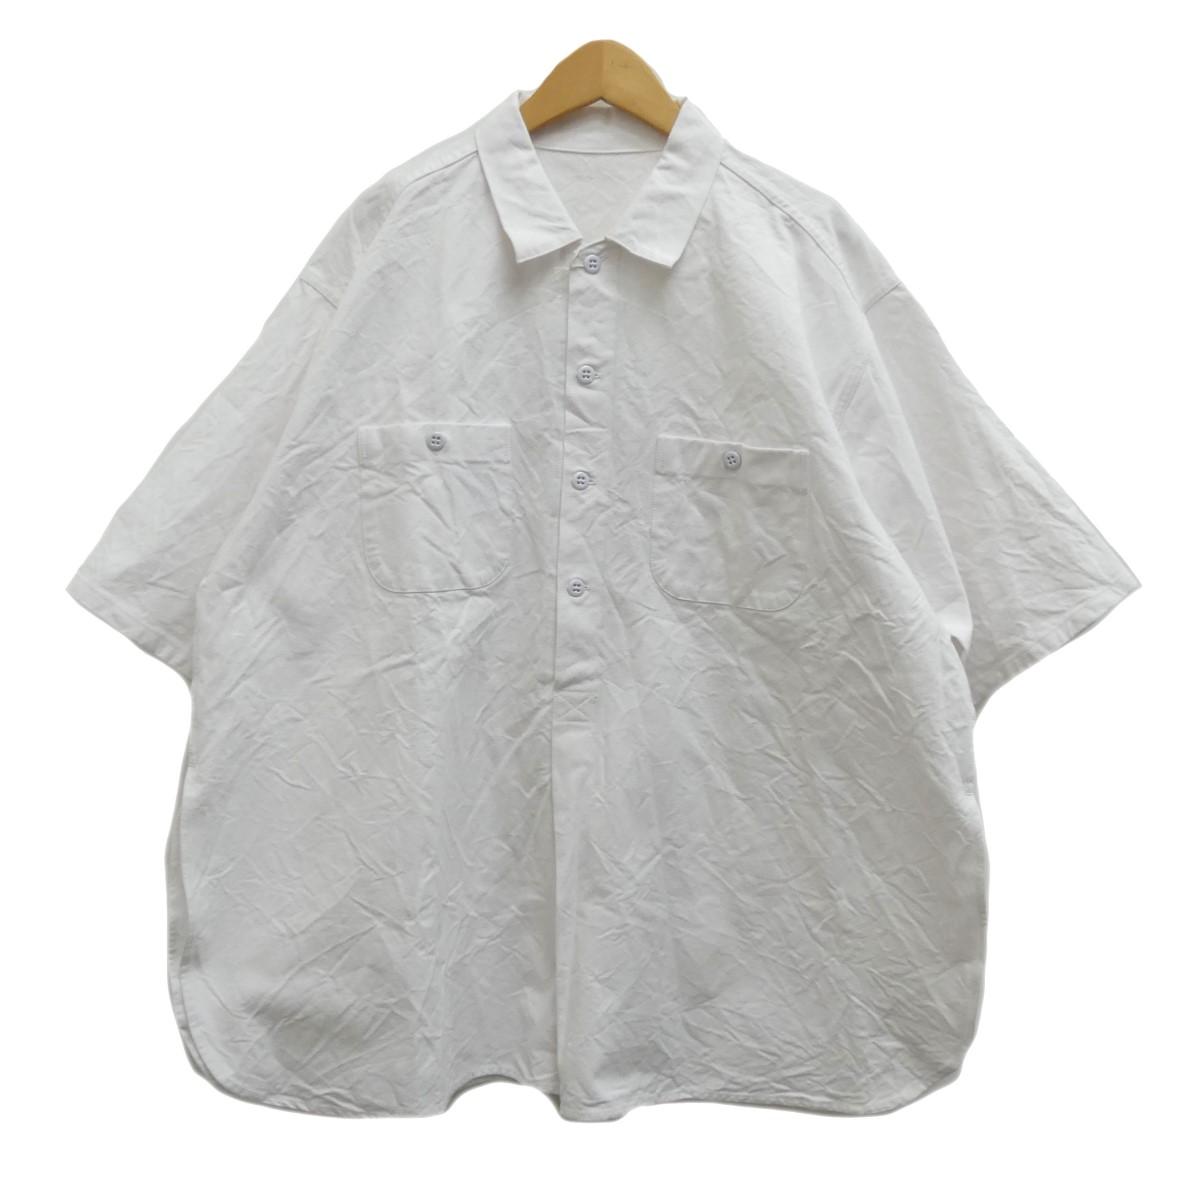 【中古】TUKI プルオーバーシャツ ホワイト サイズ:4 【280420】(ツキ)